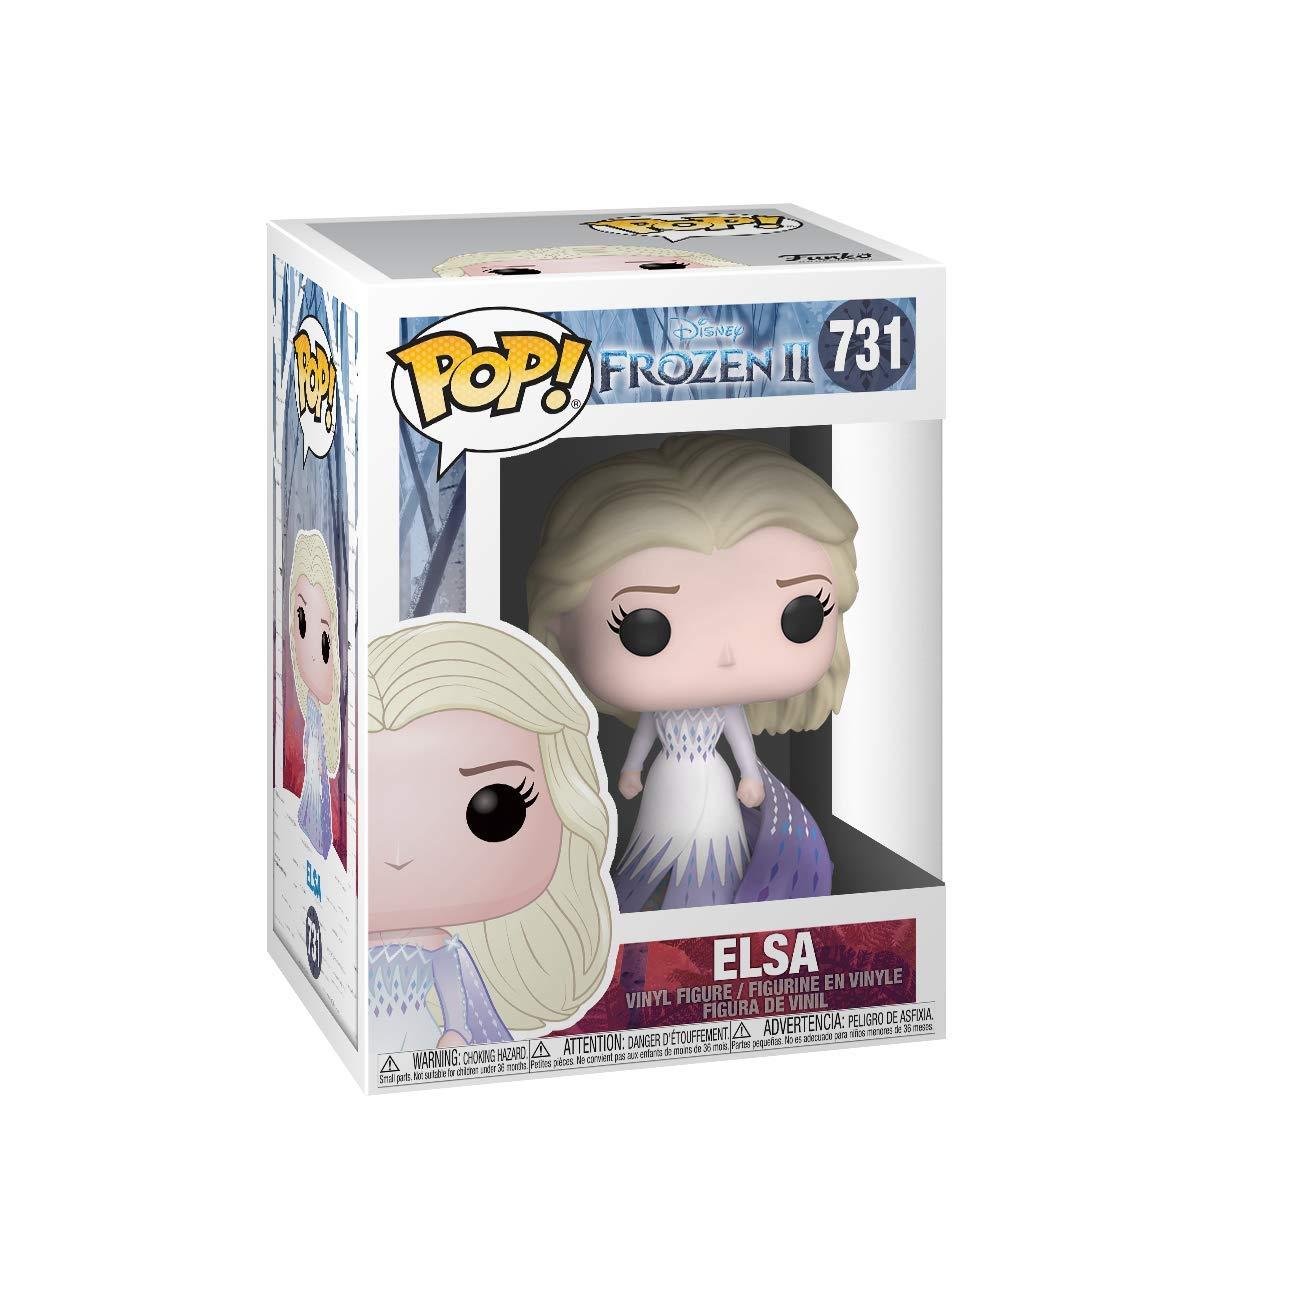 Epilogue Dress Disney: Frozen 2 Funko Pop Elsa